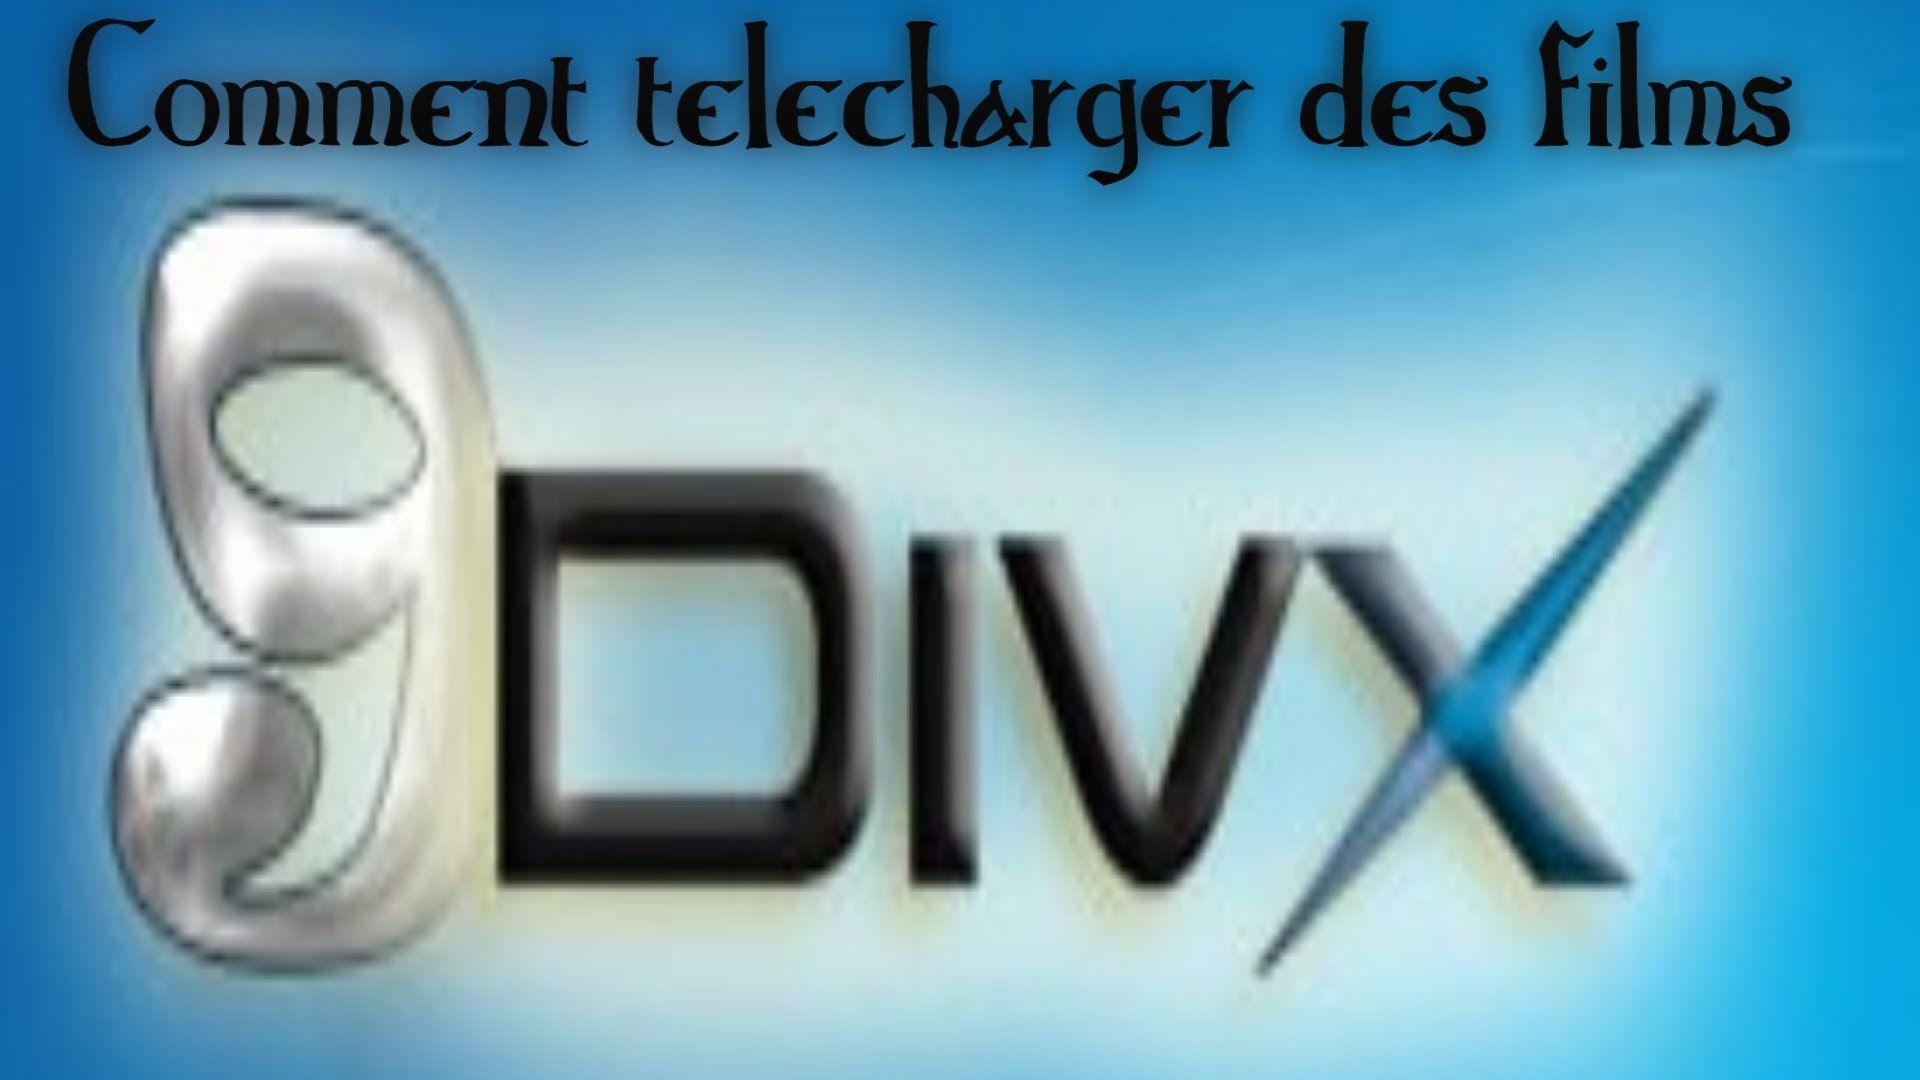 9DIVX TÉLÉCHARGER FILMS